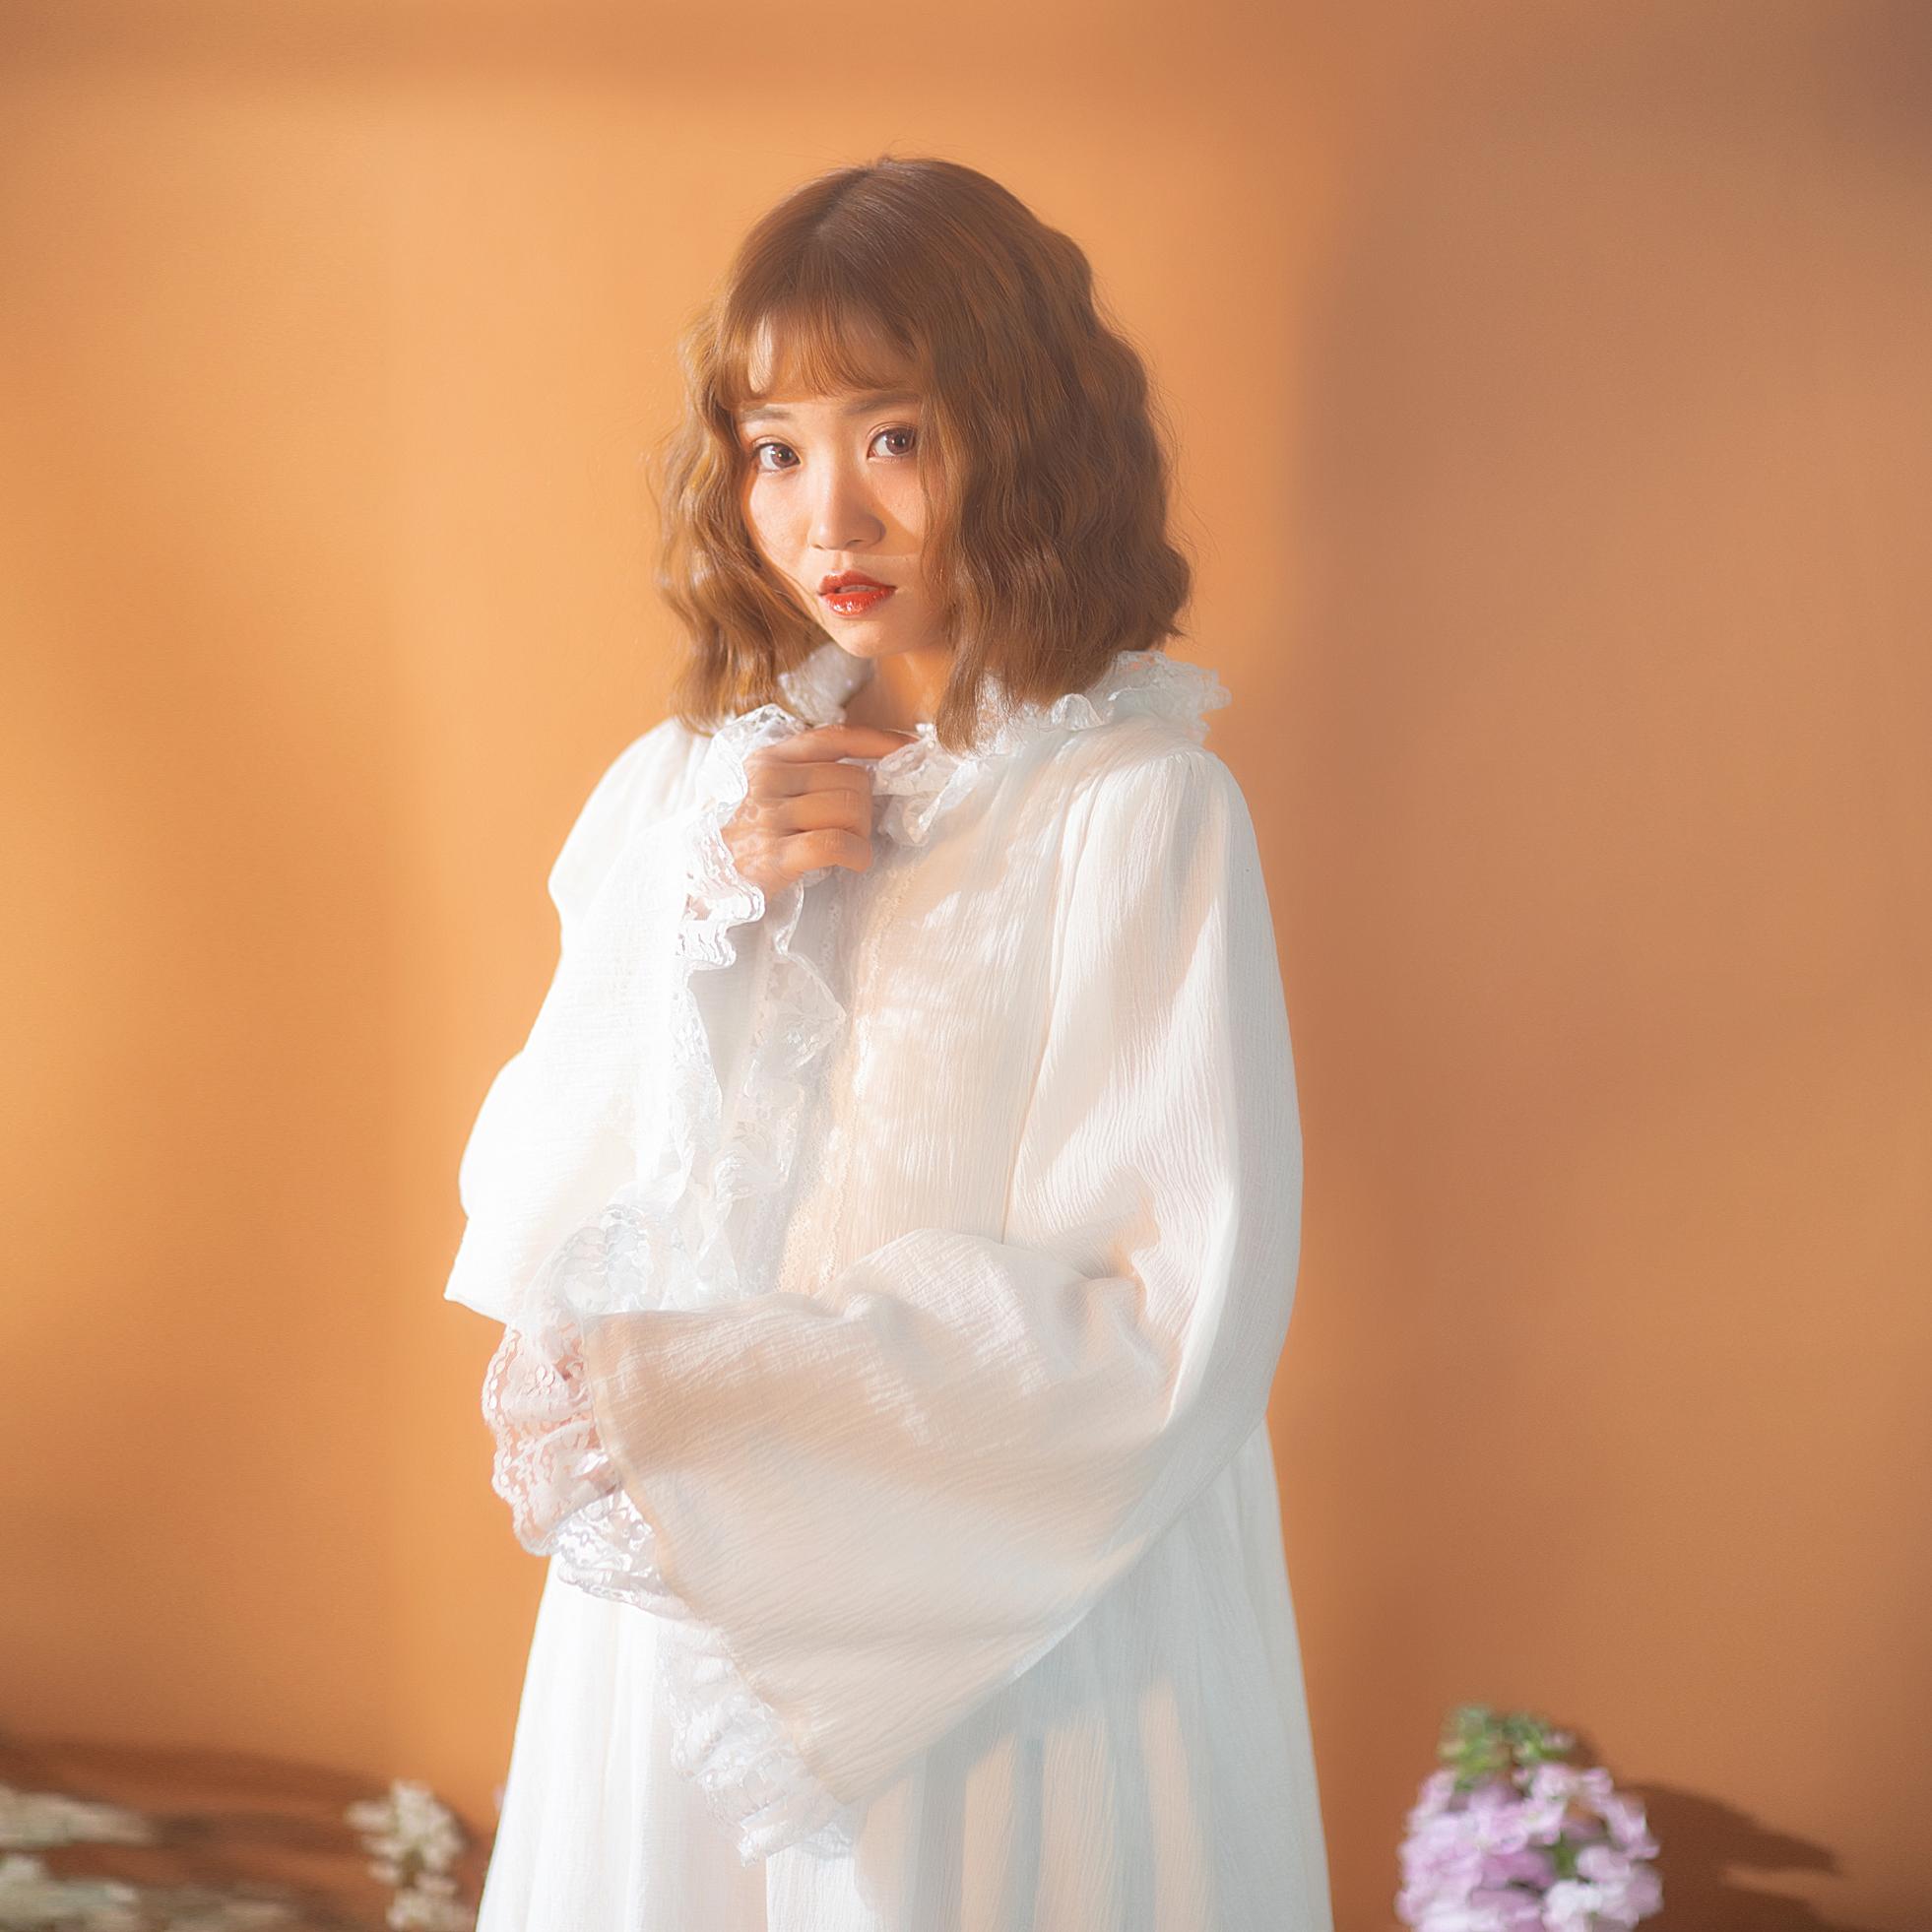 白色连衣裙 pinkwink小星夜 秋季原创白色蕾丝喇叭袖法式长袖连衣裙女仙女裙._推荐淘宝好看的白色连衣裙